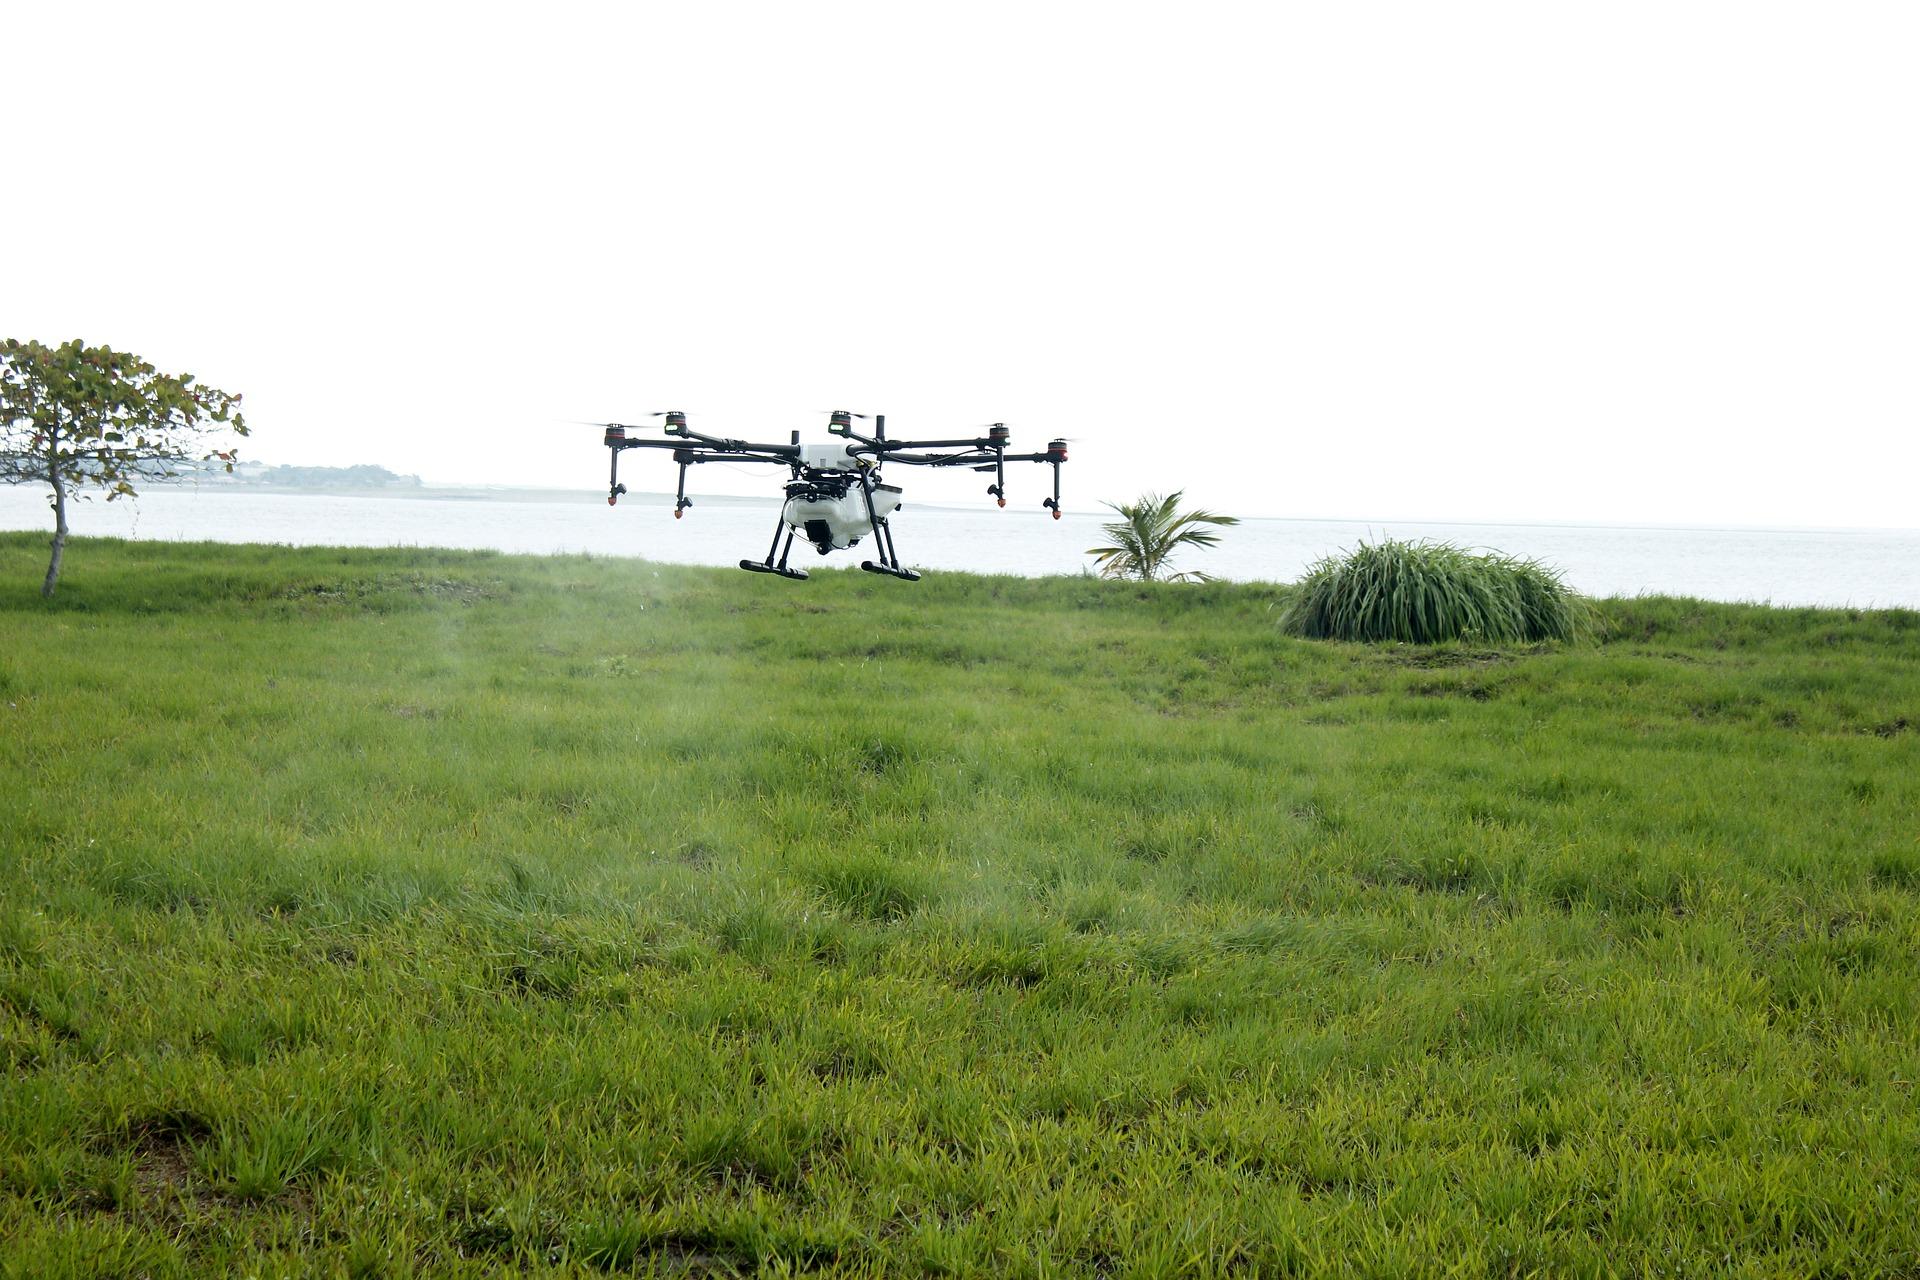 drone-asperjando-2734242_1920